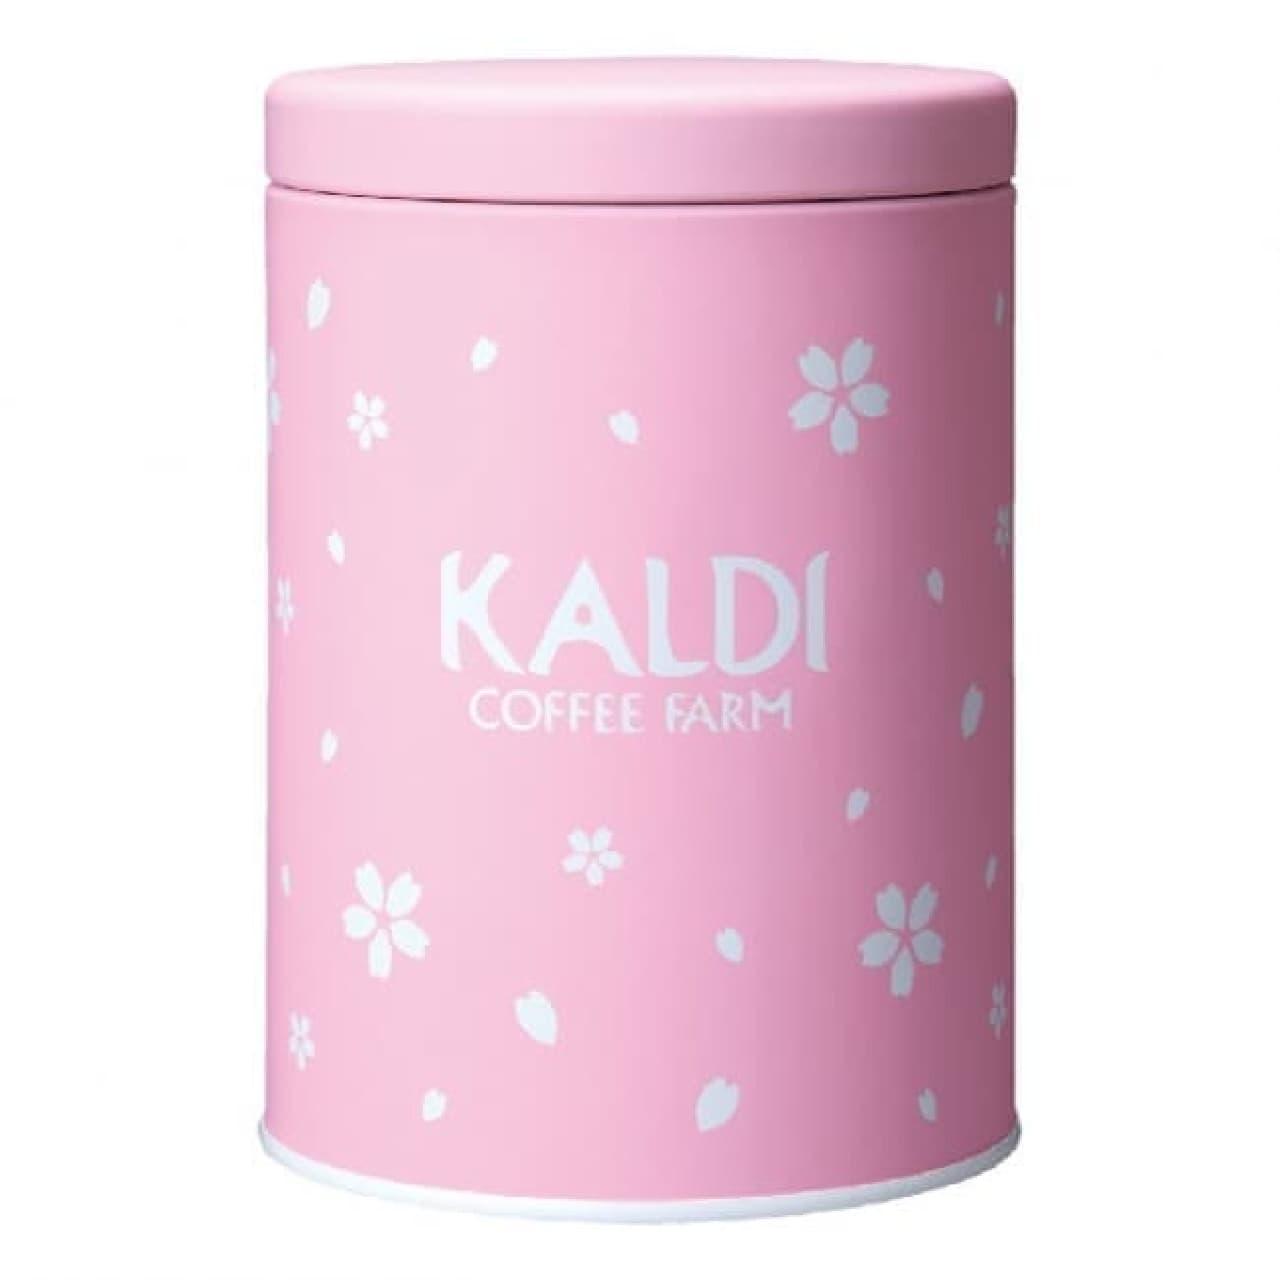 カルディ、春のキャニスター缶セット